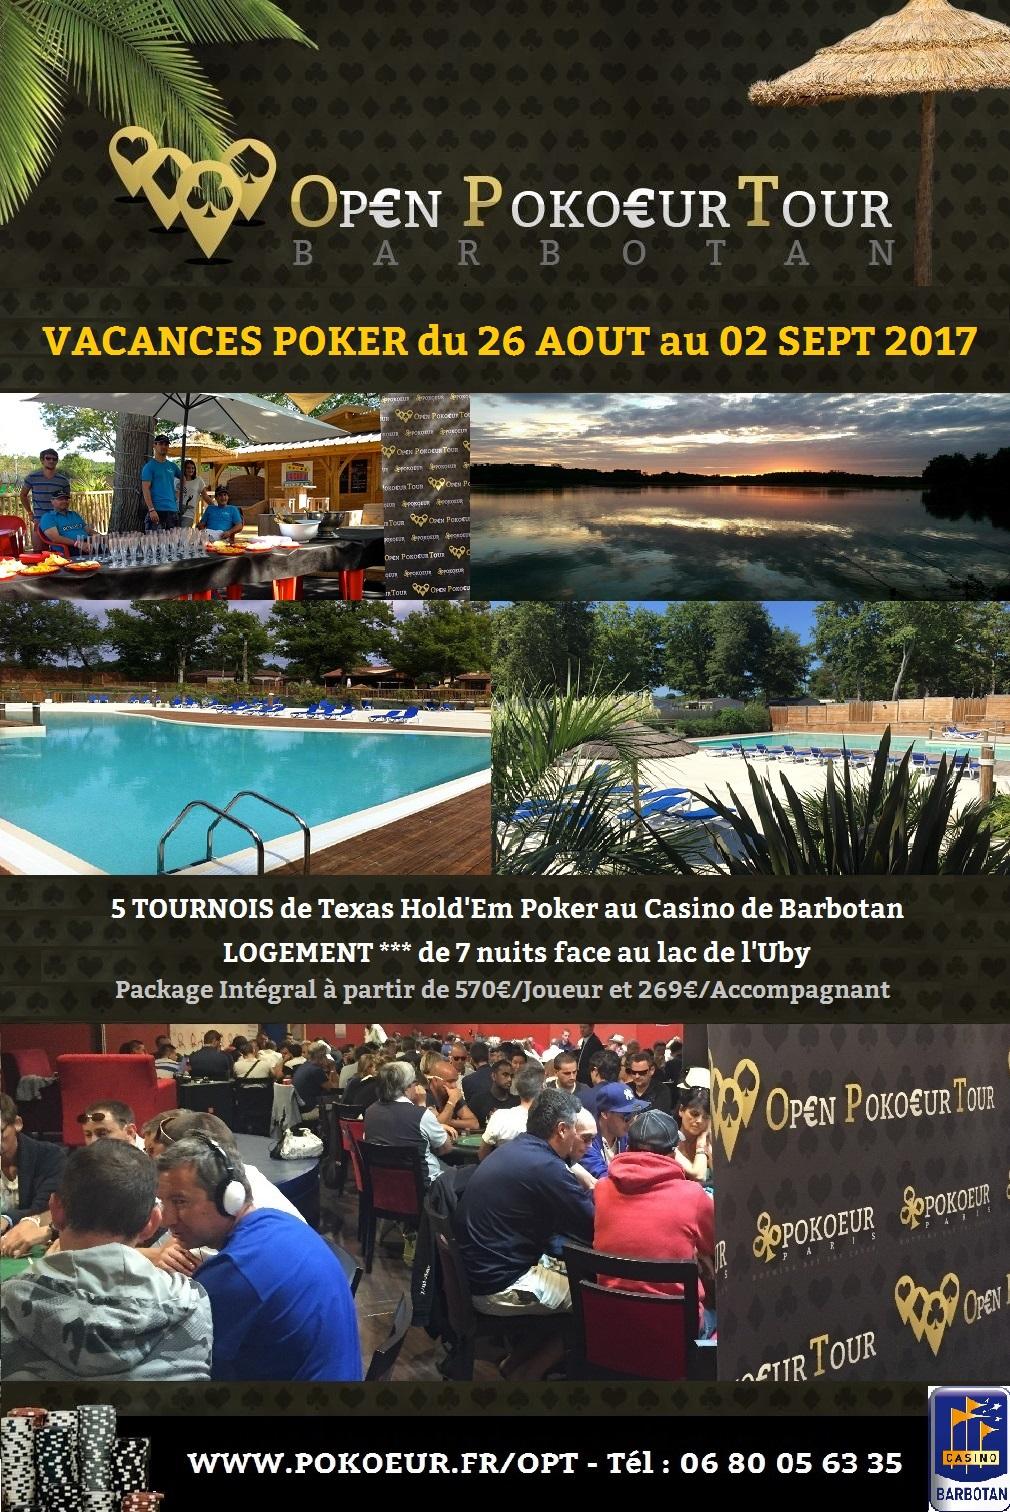 OPEN POKOEUR TOUR 2017 - Vacances Poker estivales OPT2017_Affiche.jpg.18c2a34915ebc5161b0ff4ed0c7d5fb4